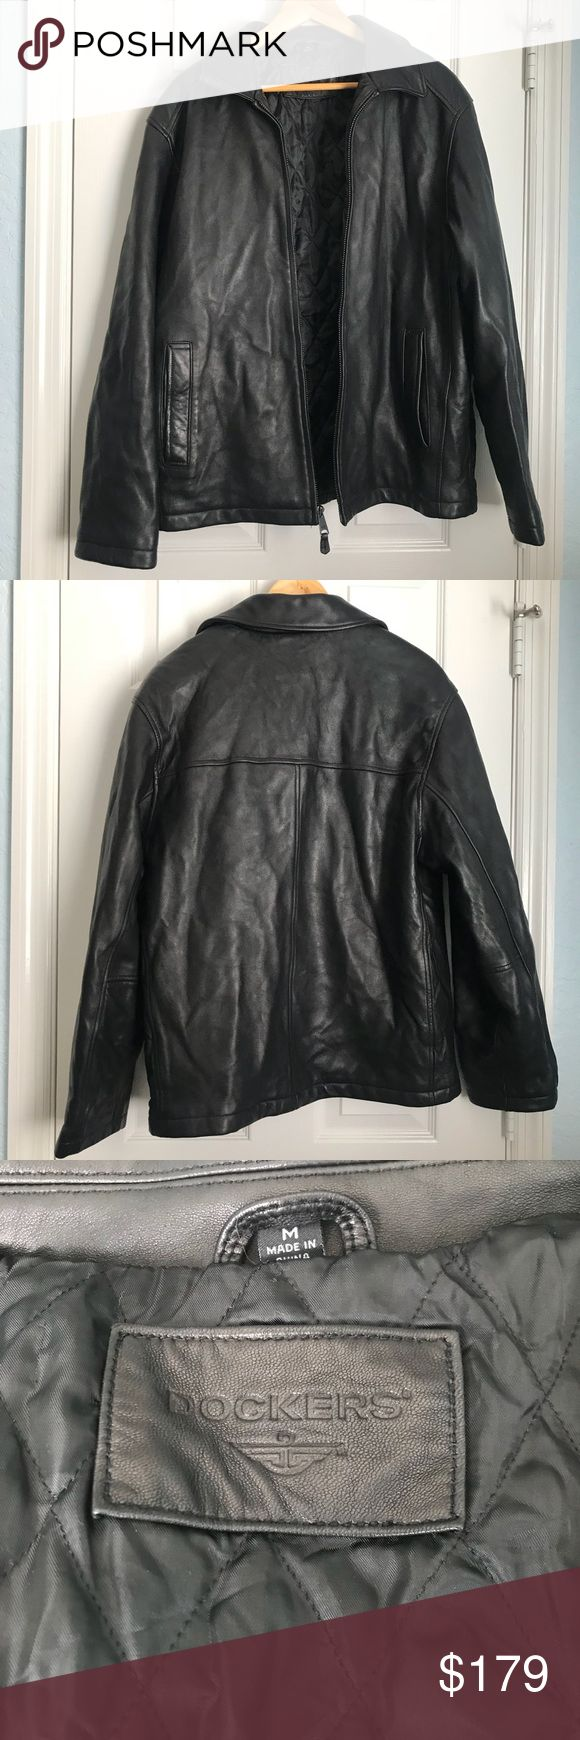 Dockers Men's Leather Jacket Leather jacket, Jackets